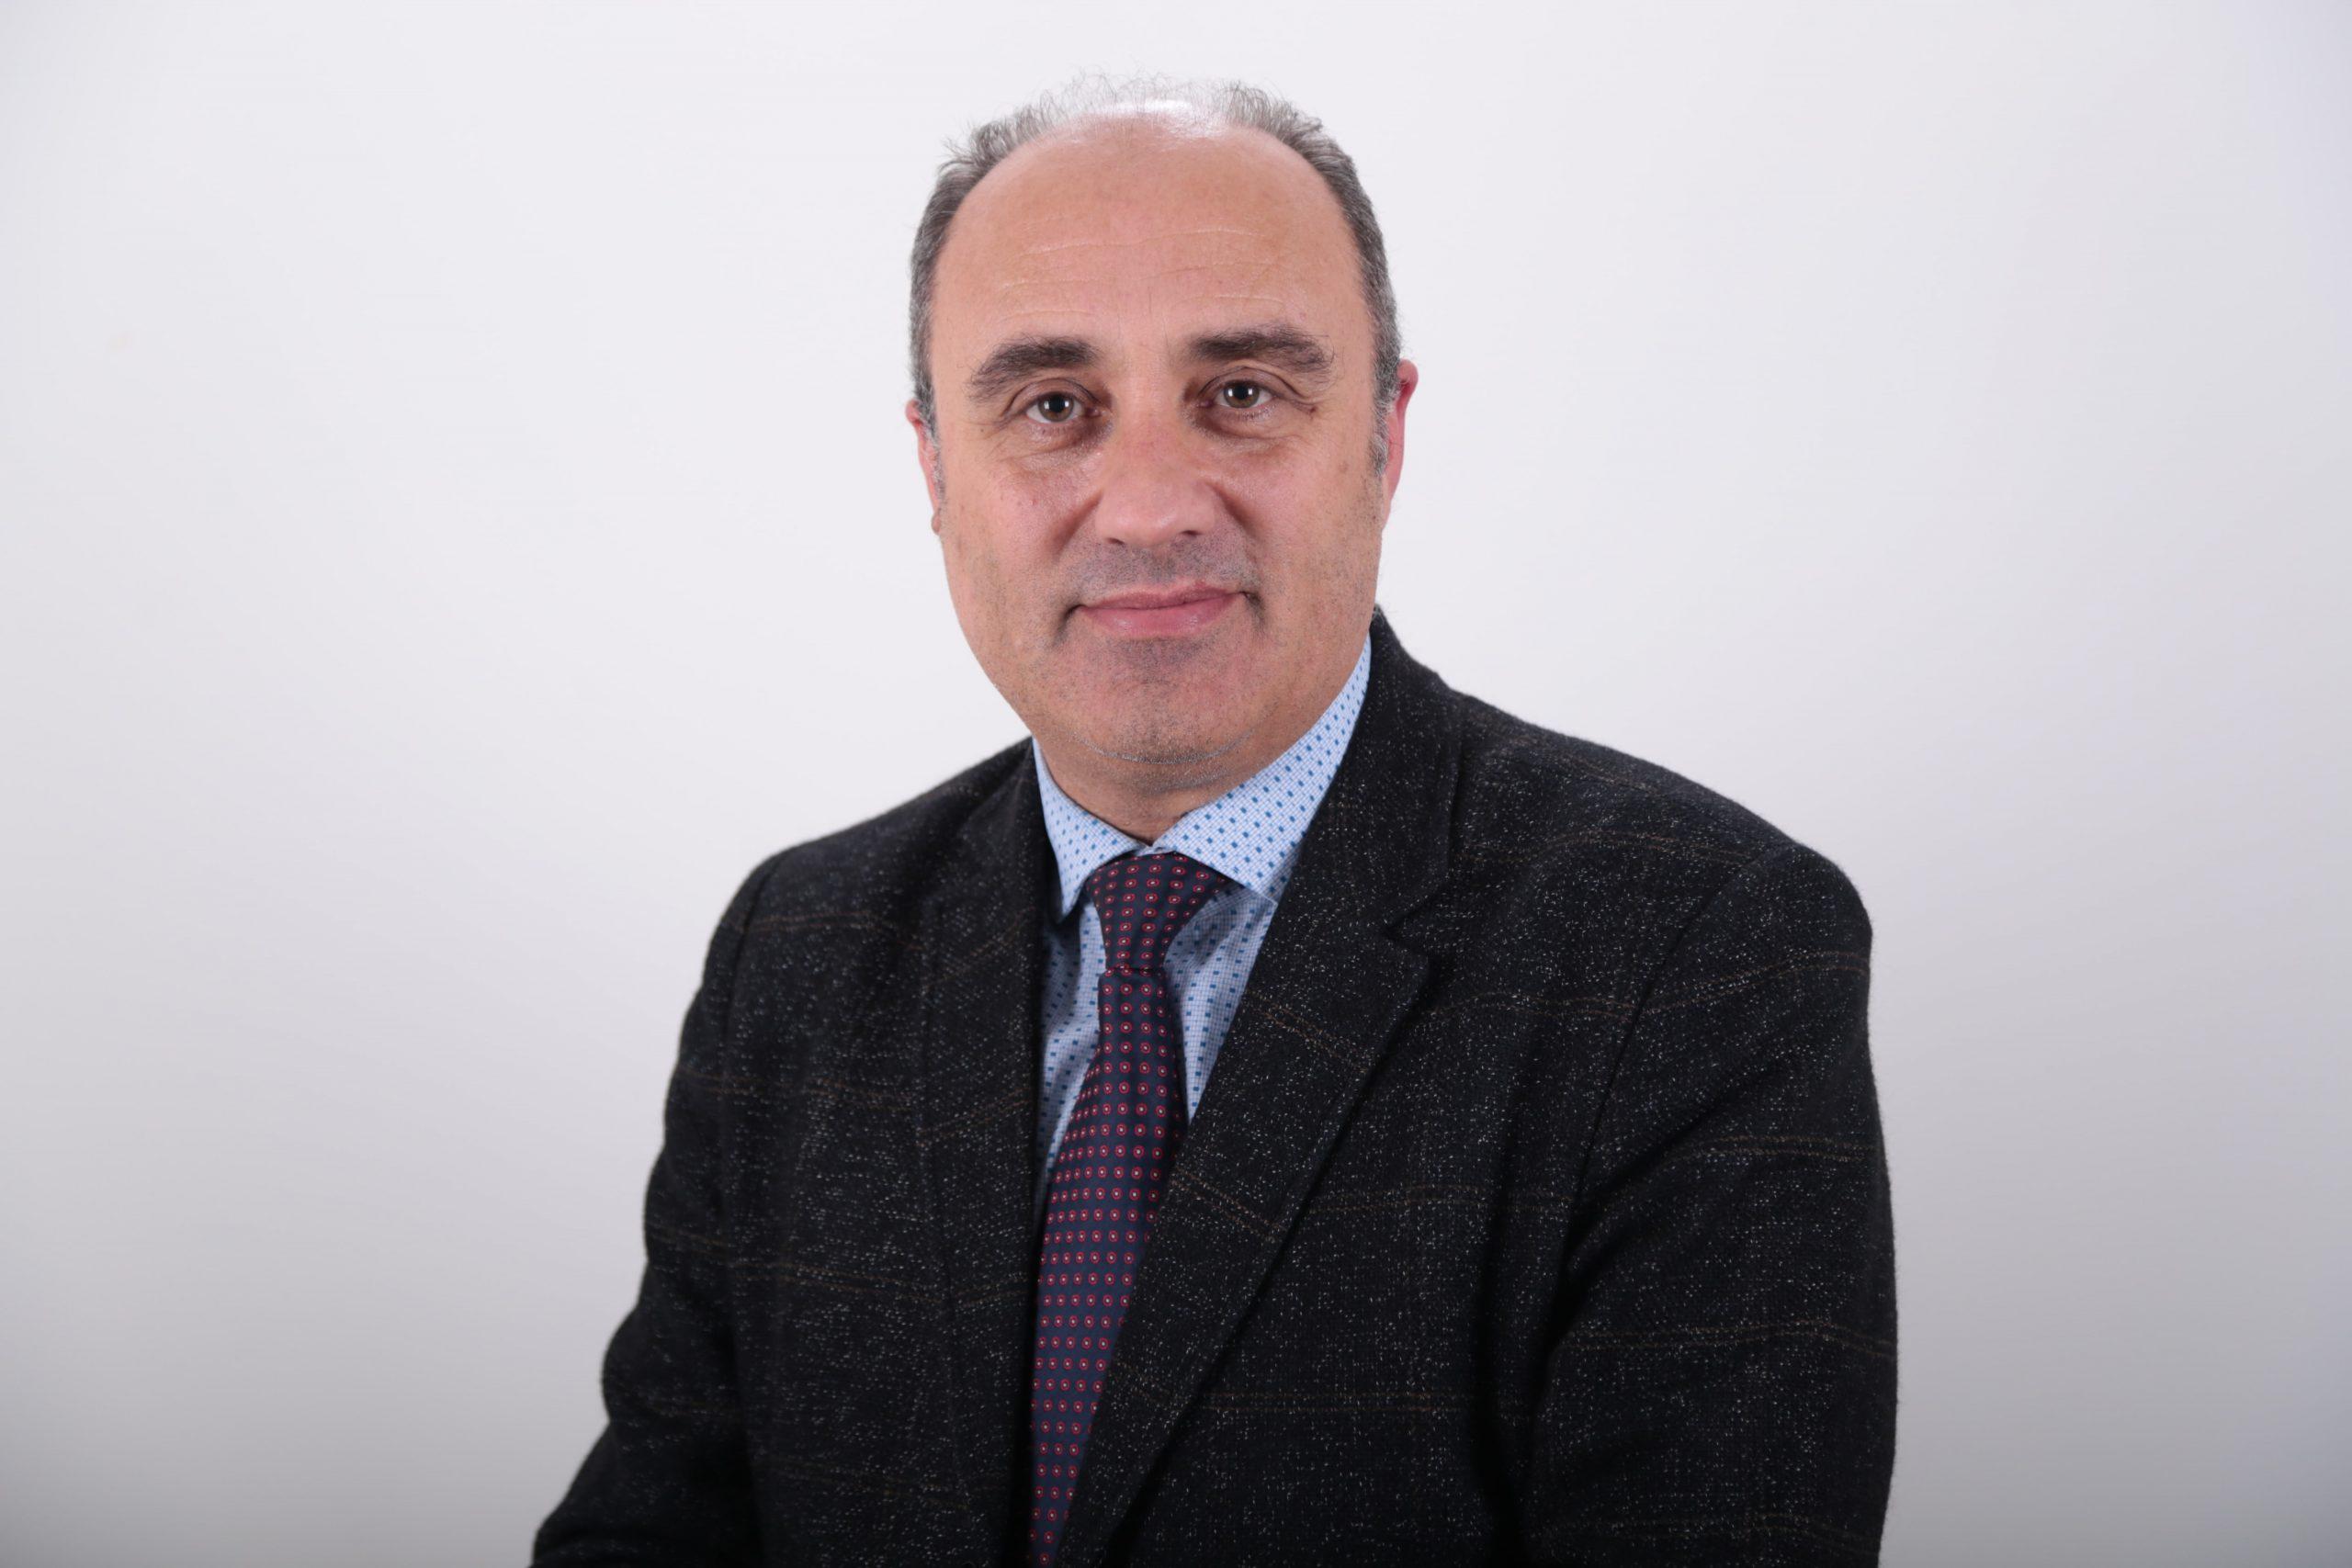 Agim Krasniqi